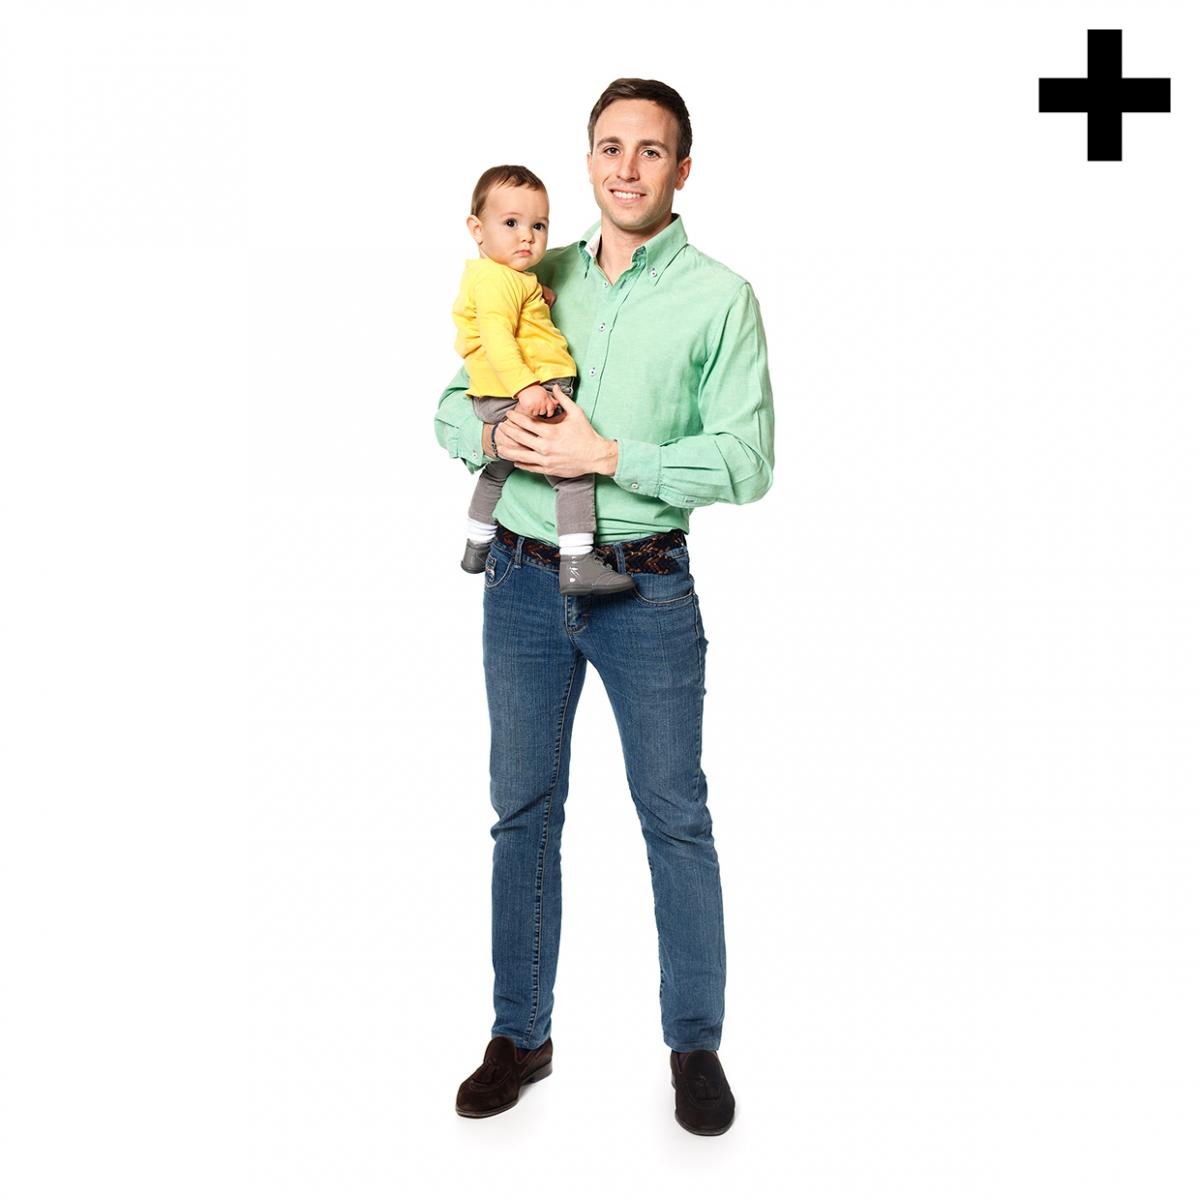 Imagen en la que se ve un padre sosteniendo a su hijo en brazos de cuerpo entero